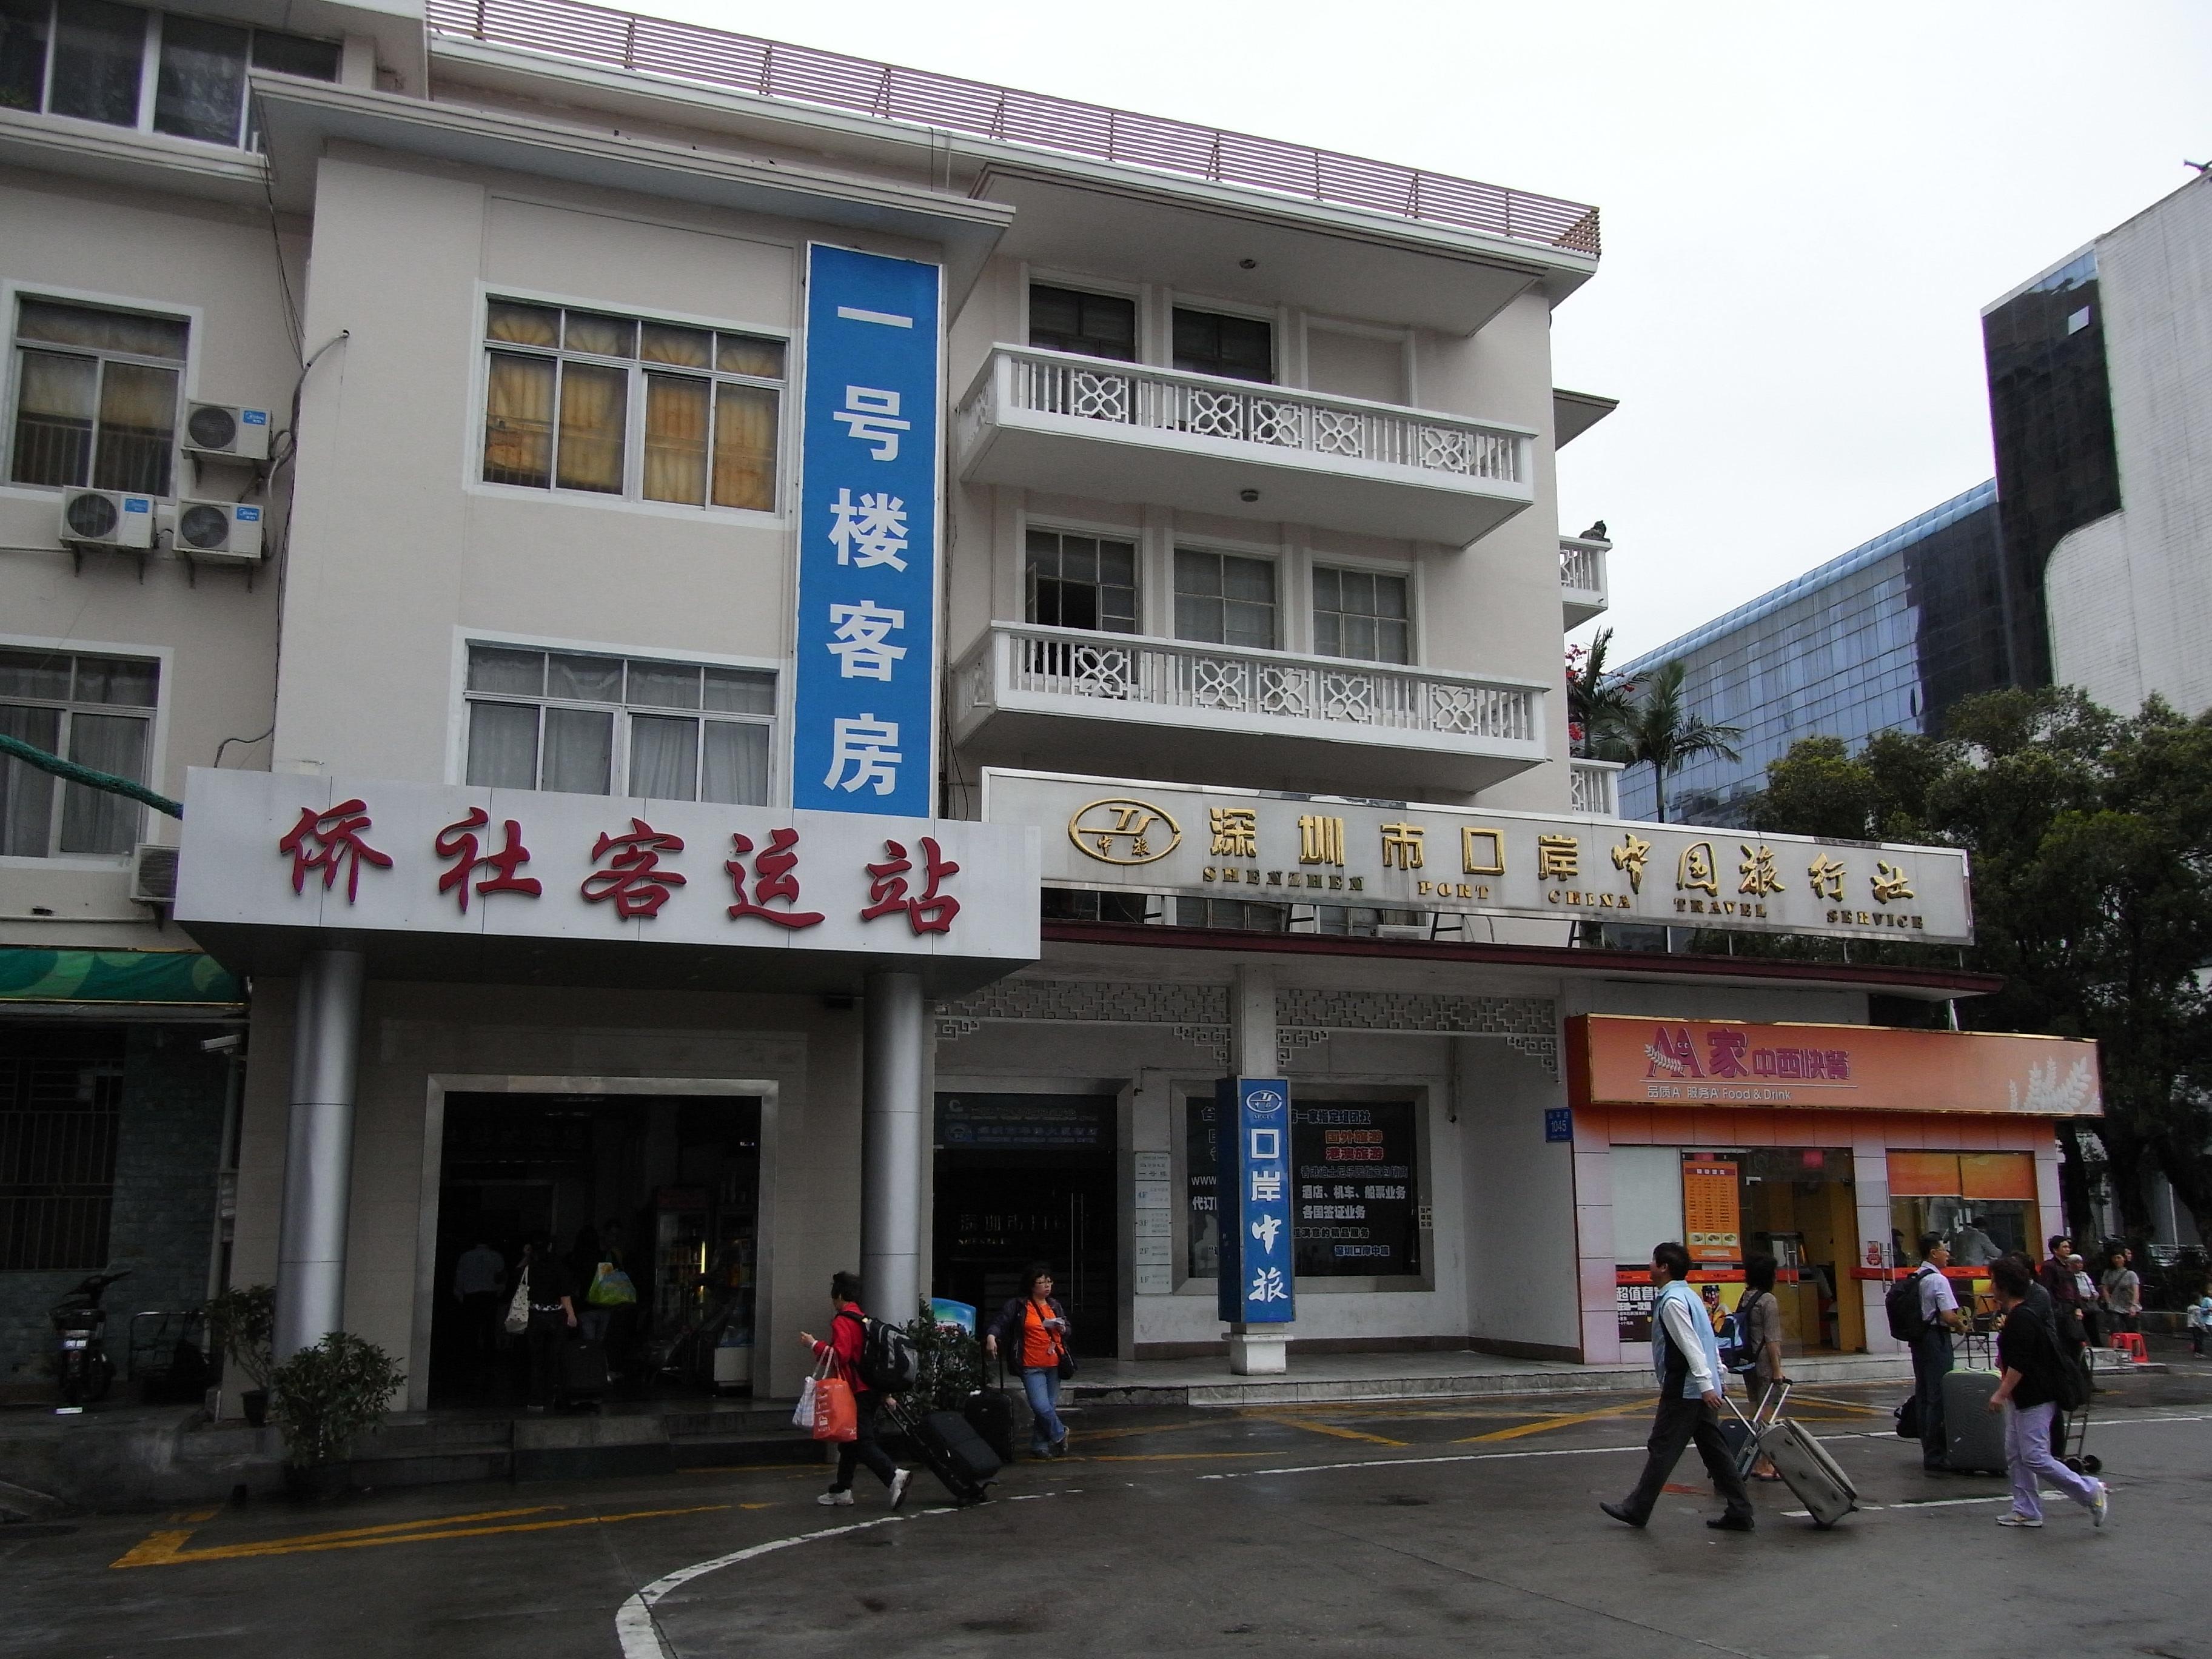 China Travel Service Hong Kong Home Return Permit